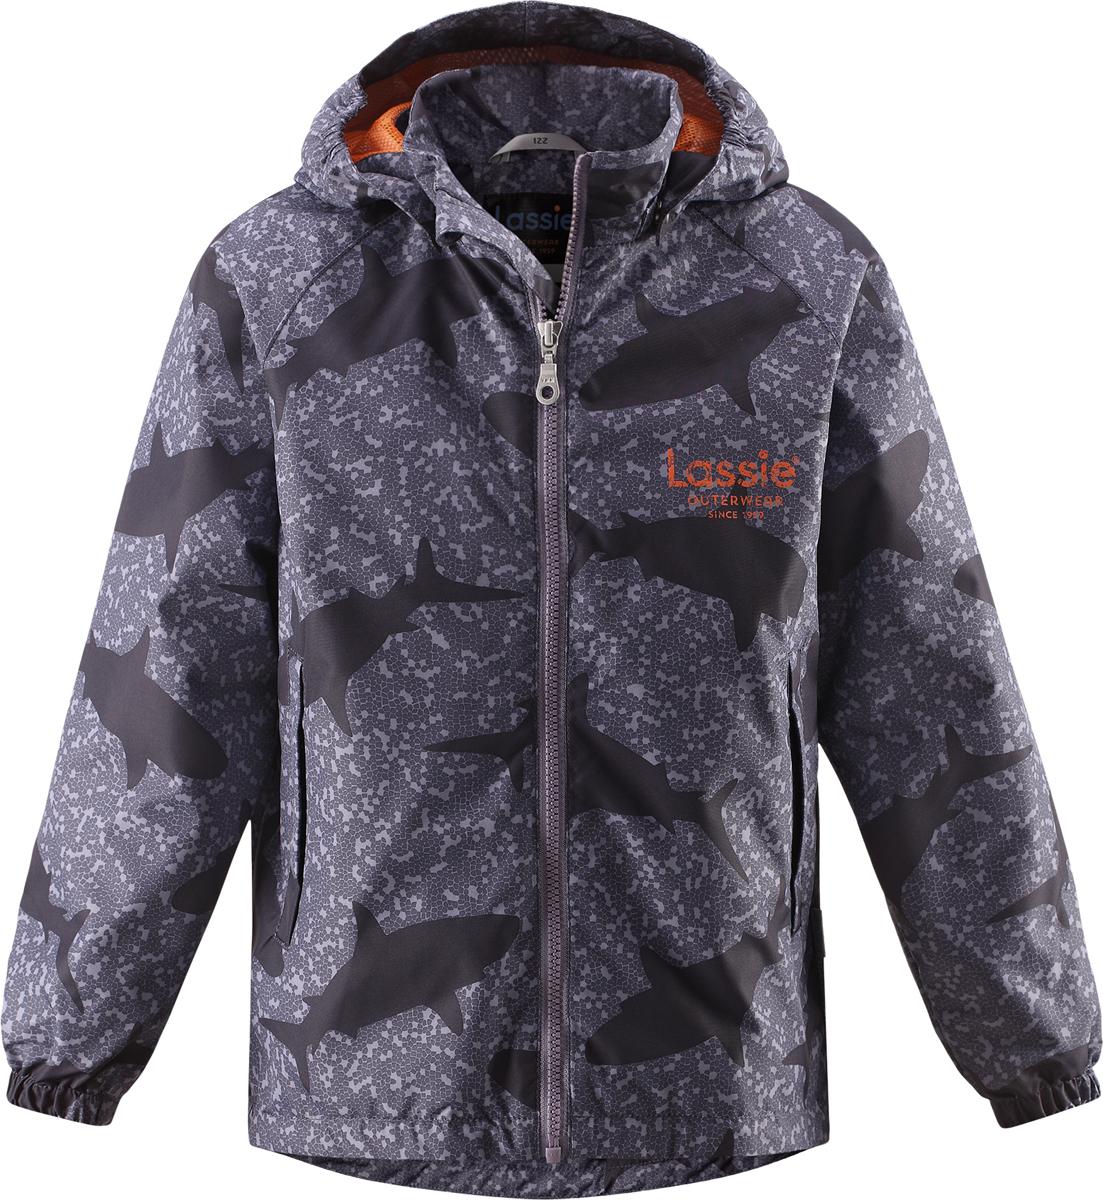 Куртка для мальчика Lassie, цвет: черный, серый. 721705R999. Размер 92721705R999Куртка для мальчика Lassie с легкой степенью утепления изготовлена из ветронепроницаемого, водо- и грязеотталкивающего материала. Куртка прямого кроя с воротником-стойкой и съемным капюшоном застегивается на молнию с защитой подбородка и дополнительно имеет внутреннюю ветрозащитную планку. Капюшон пристегивается к куртке при помощи кнопок. Капюшон по краям и манжеты рукавов присборены на резинки. Спереди расположены два удобных прорезных кармана липучках. Теплая, комфортная и практичная куртка идеально подойдет для прогулок и игр на свежем воздухе!Температурный режим от 0°С до -10°С.